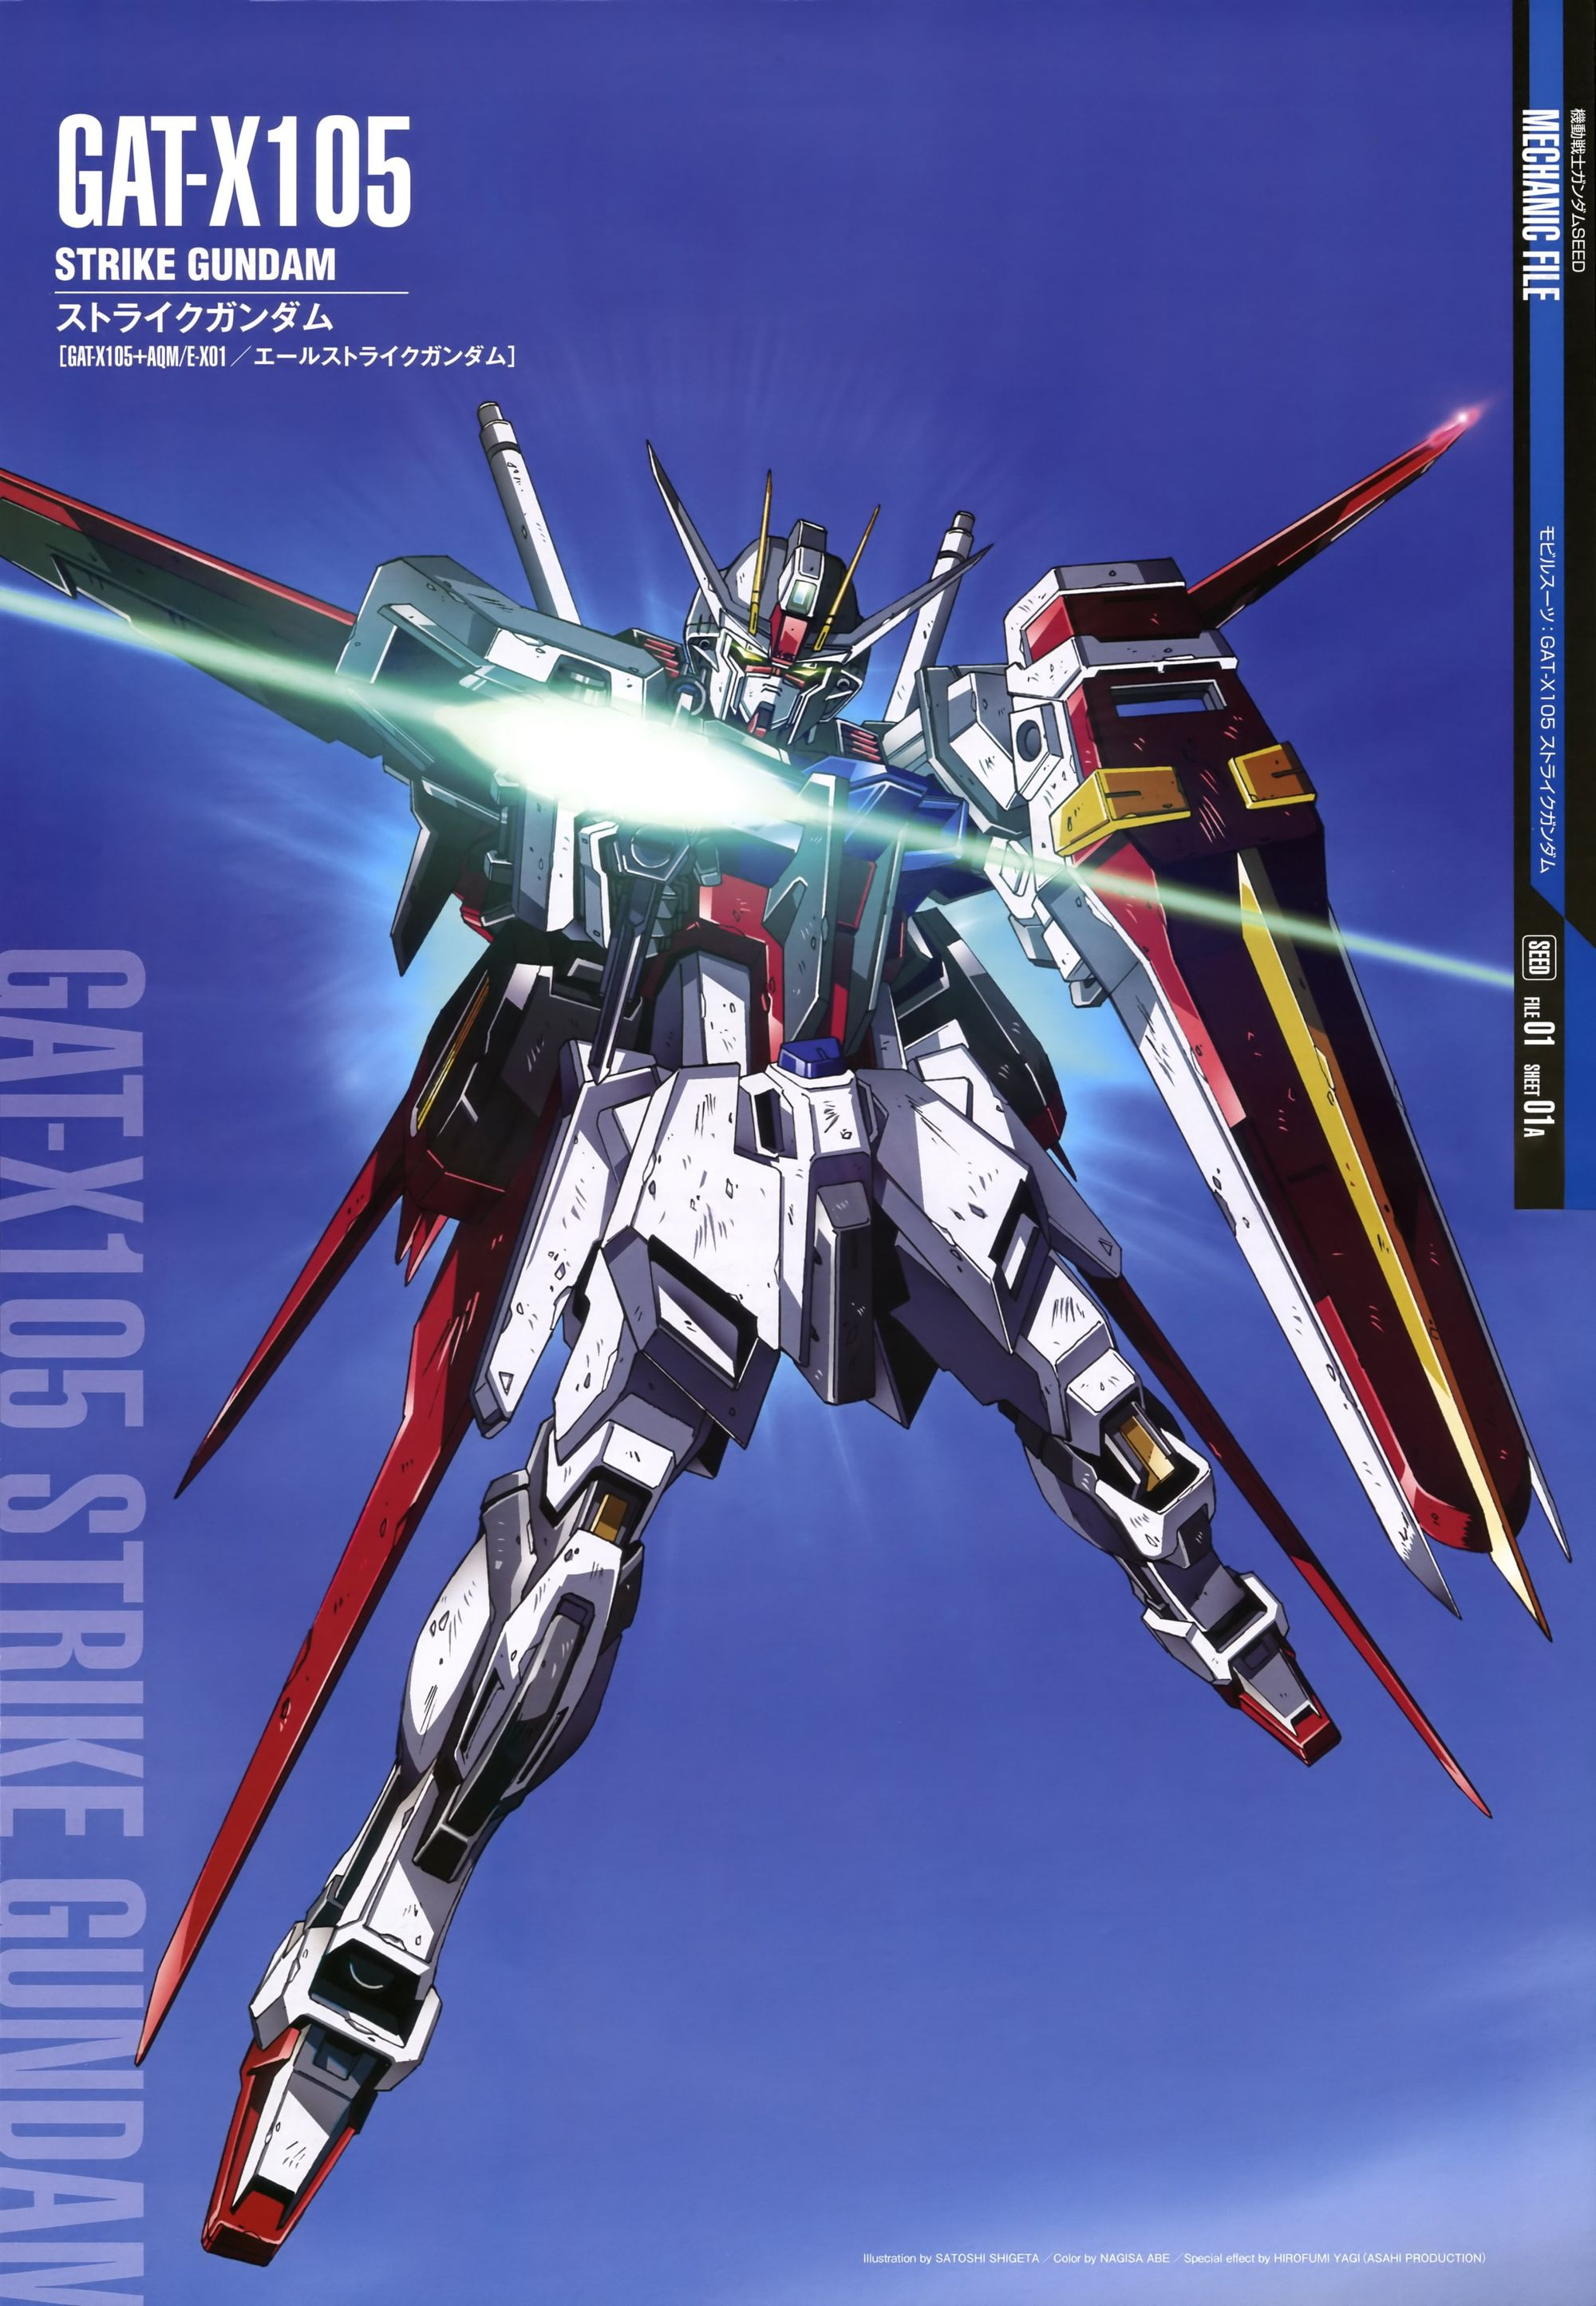 GAT-X105 Strike Gundam | The Gundam Wiki | Fandom powered by Wikia